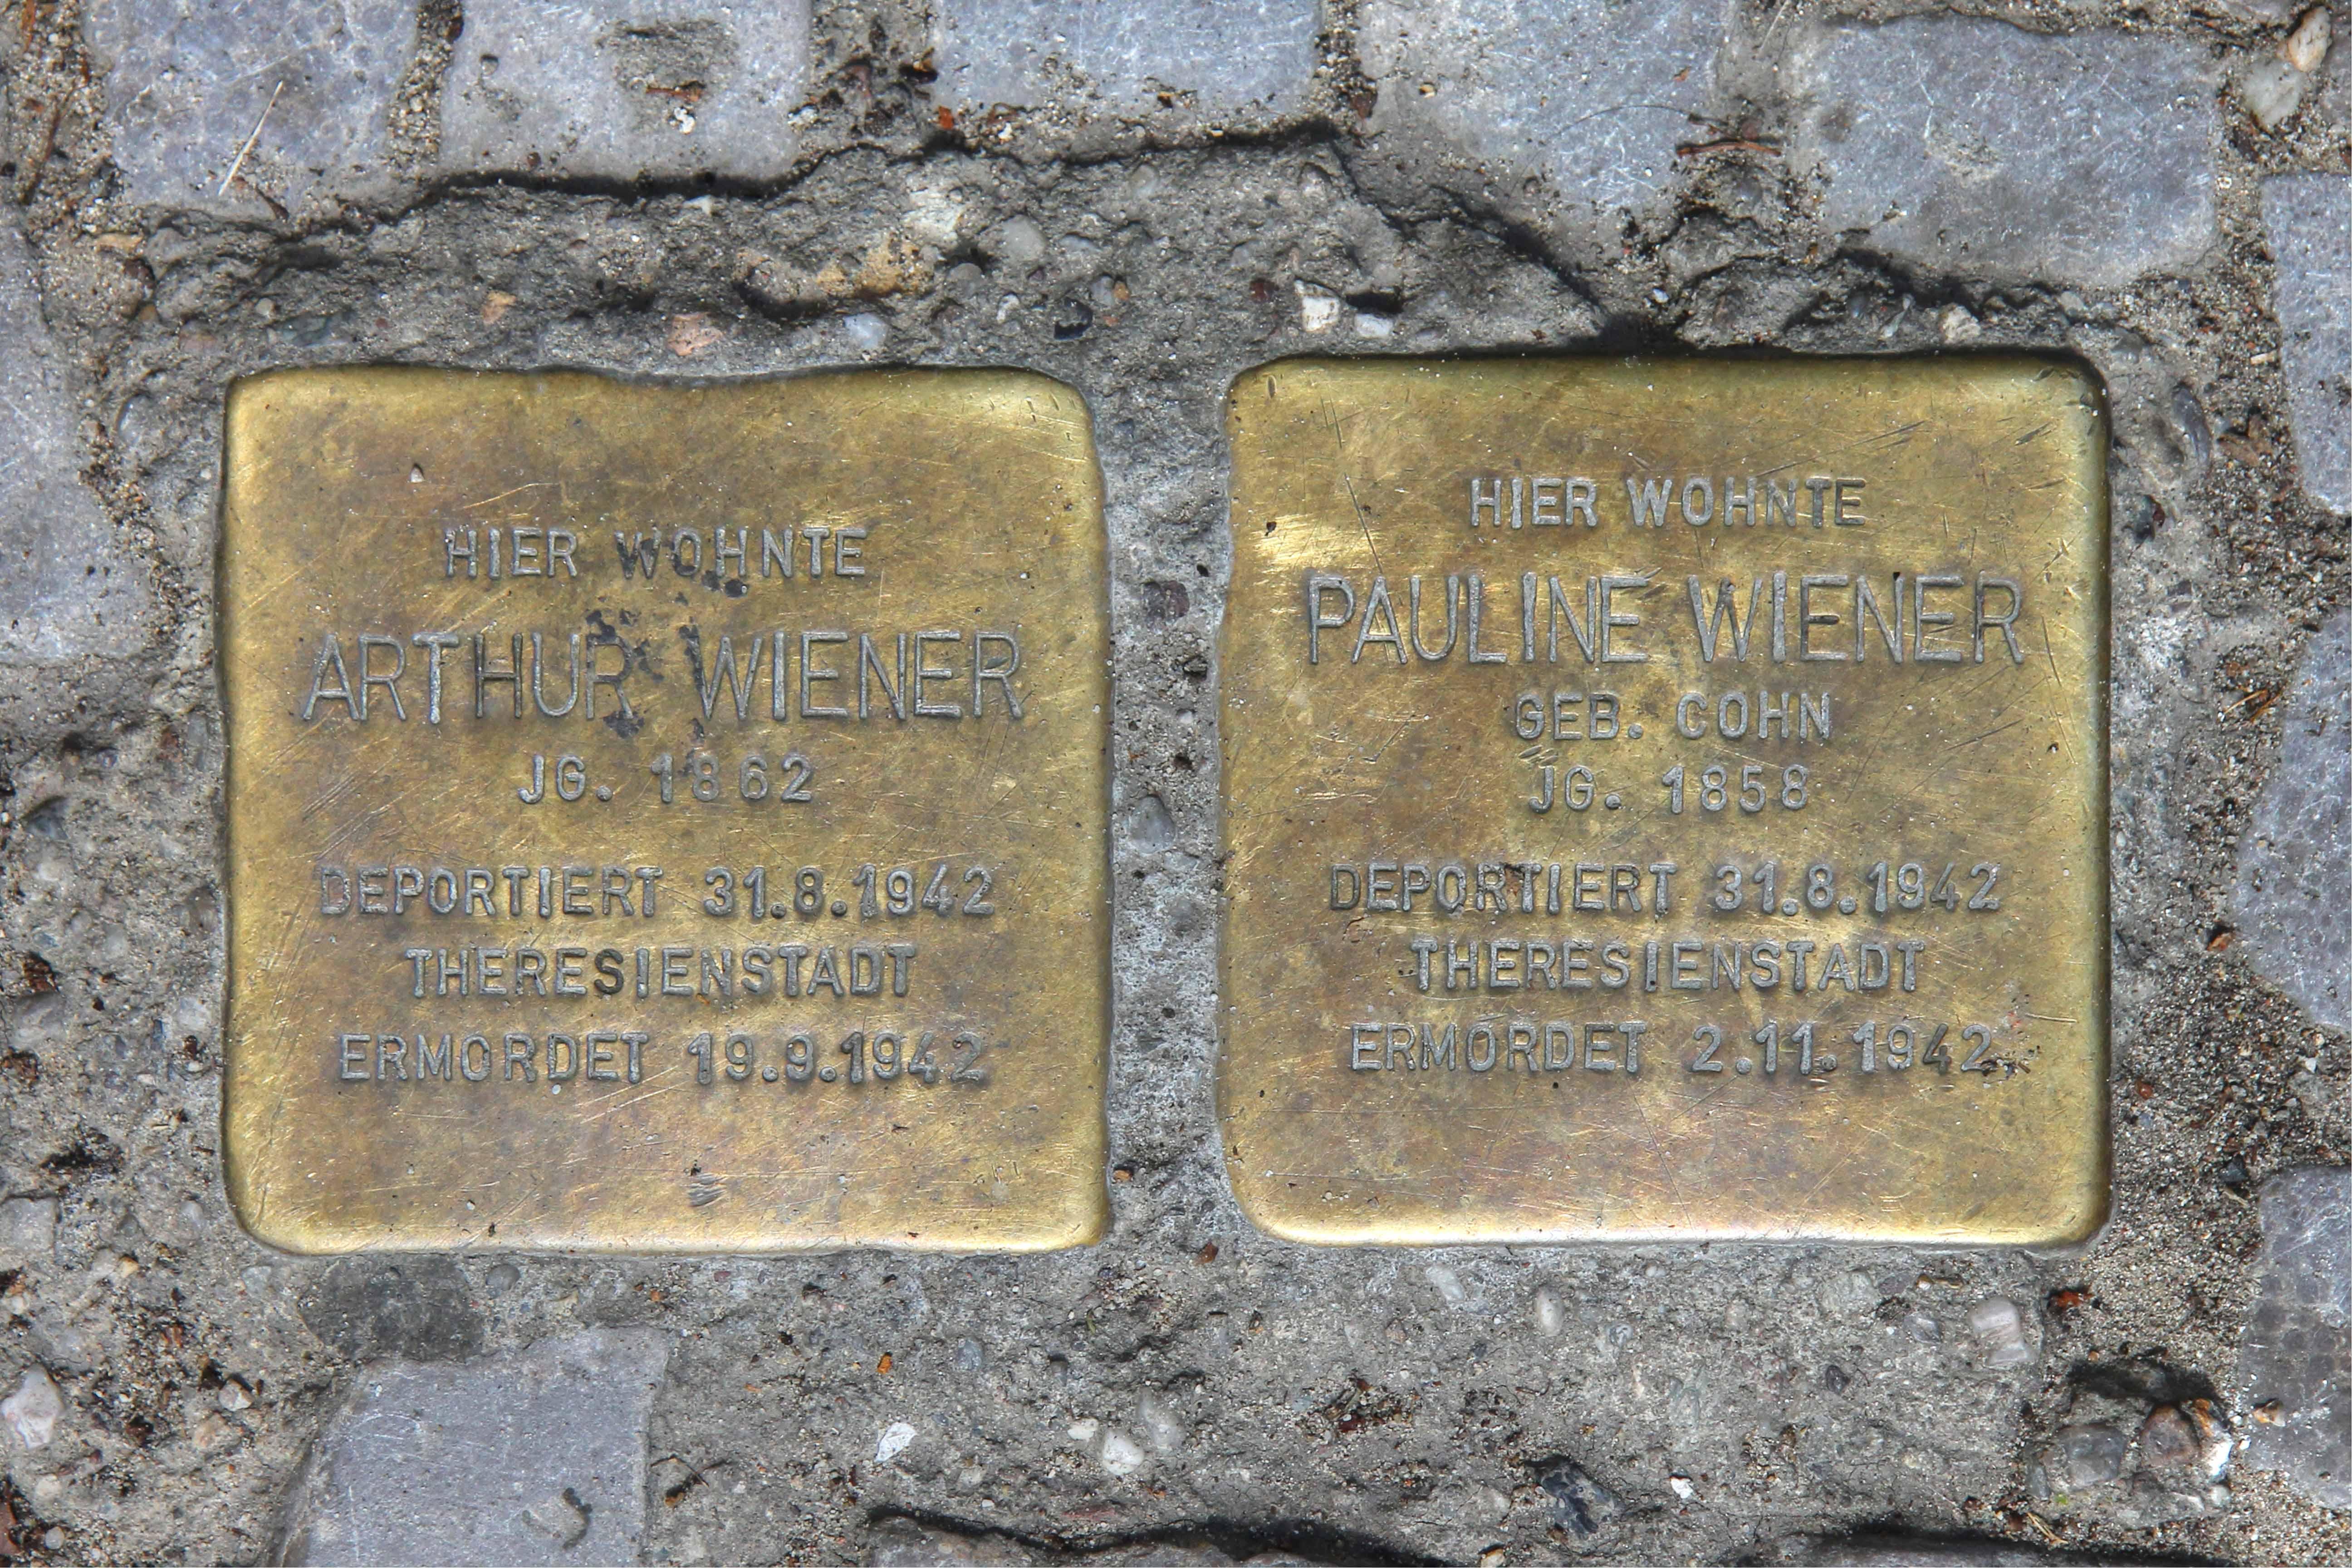 Stolpersteine 114: In memory of Arthur Wiener and Pauline Wiener (Herrfurthstrasse 5) in Berlin